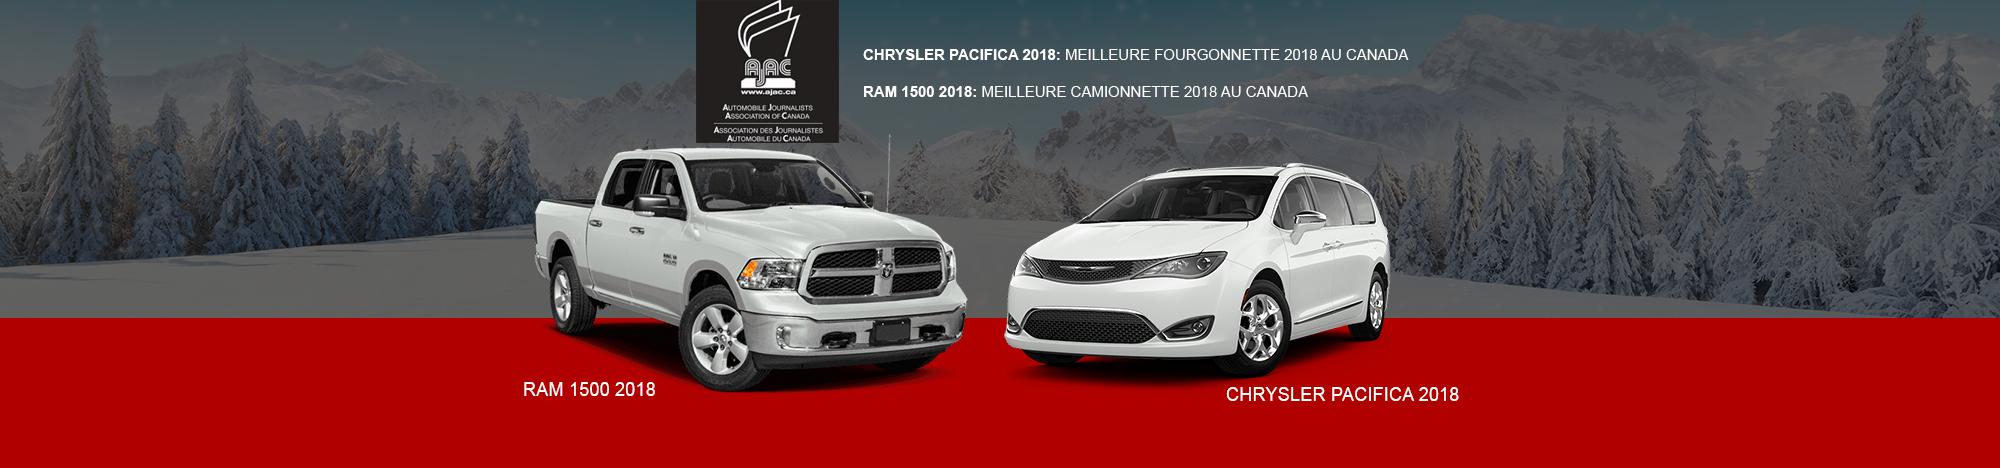 Association des Journalistes Automobile du Canada